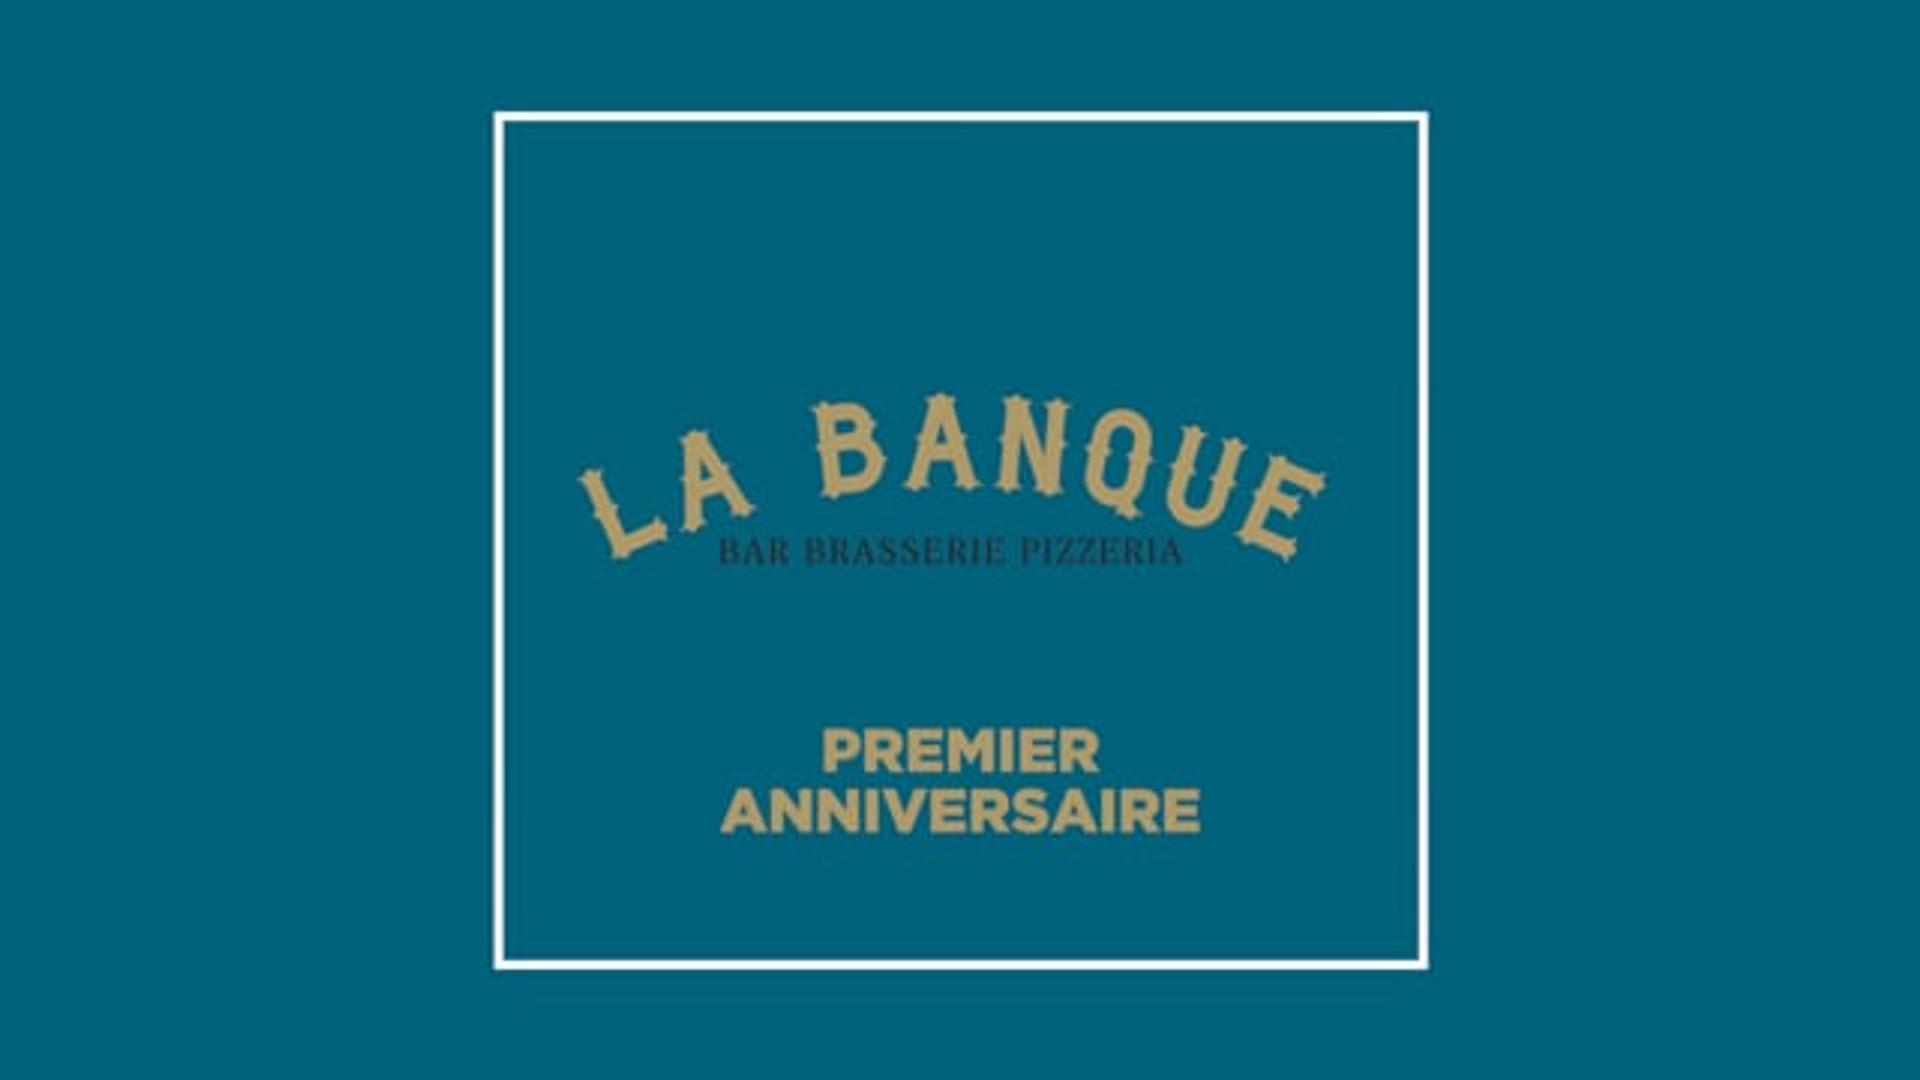 Premier Anniversaire - La banque Carmila CC Nantes La Beaujoire